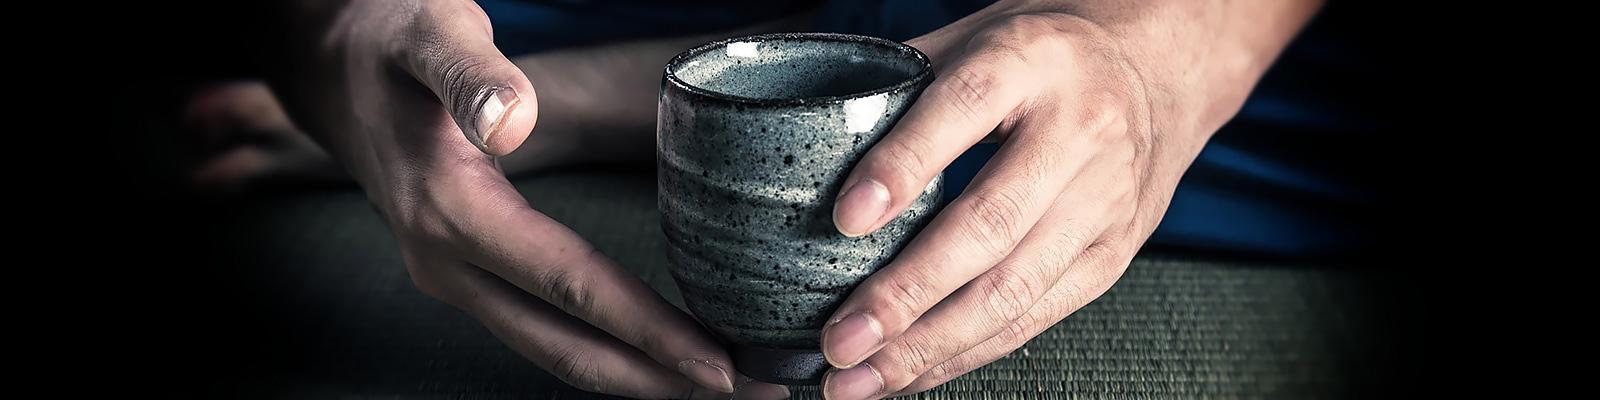 日本 文化 イメージ